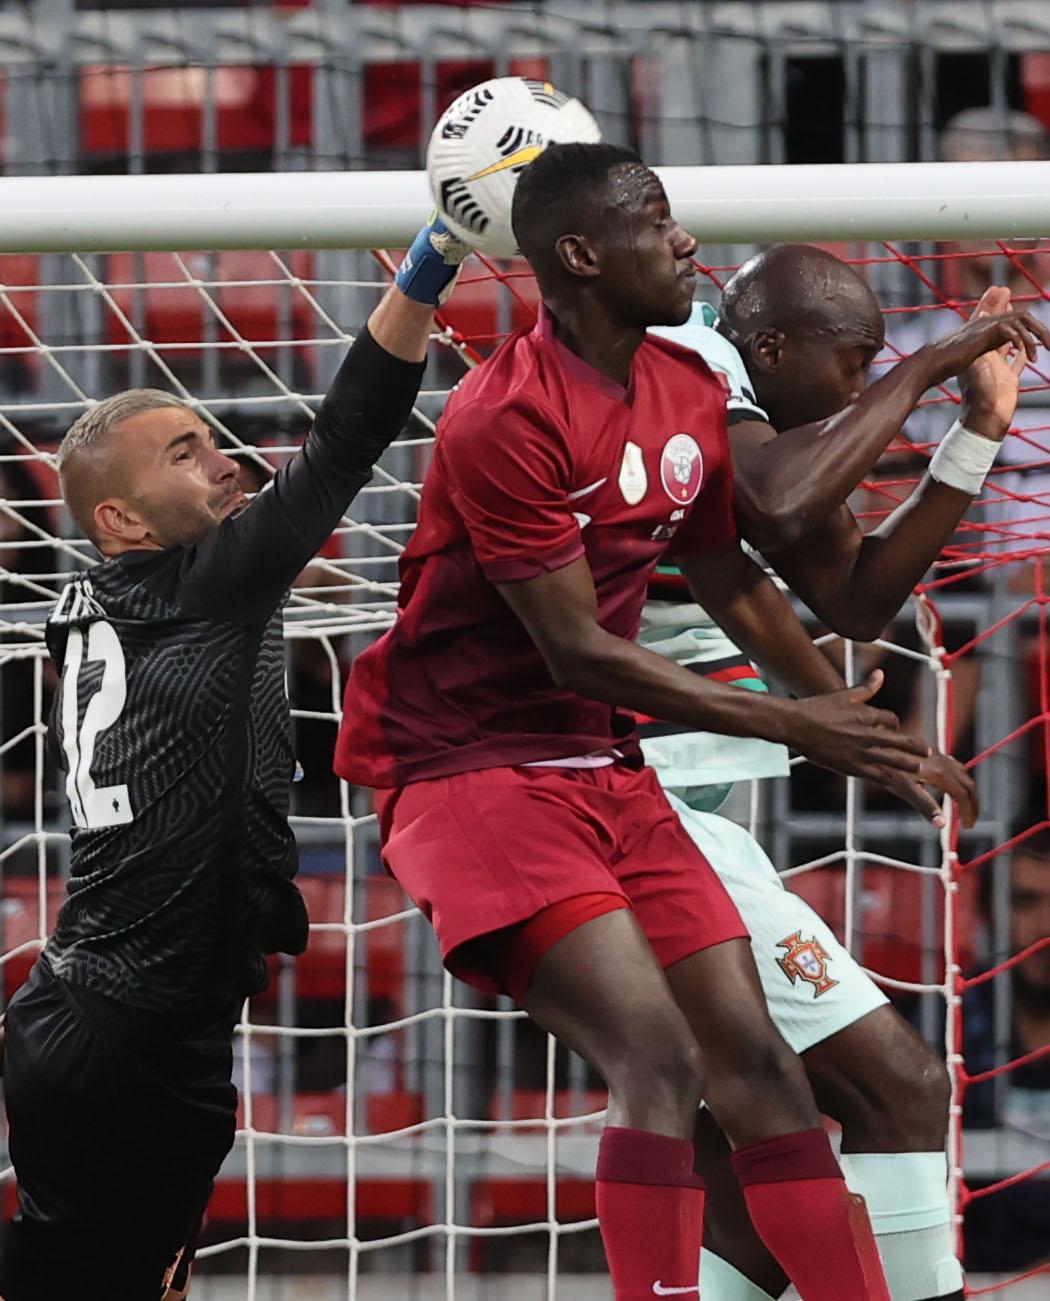 قطر ضد البرتغال (1)